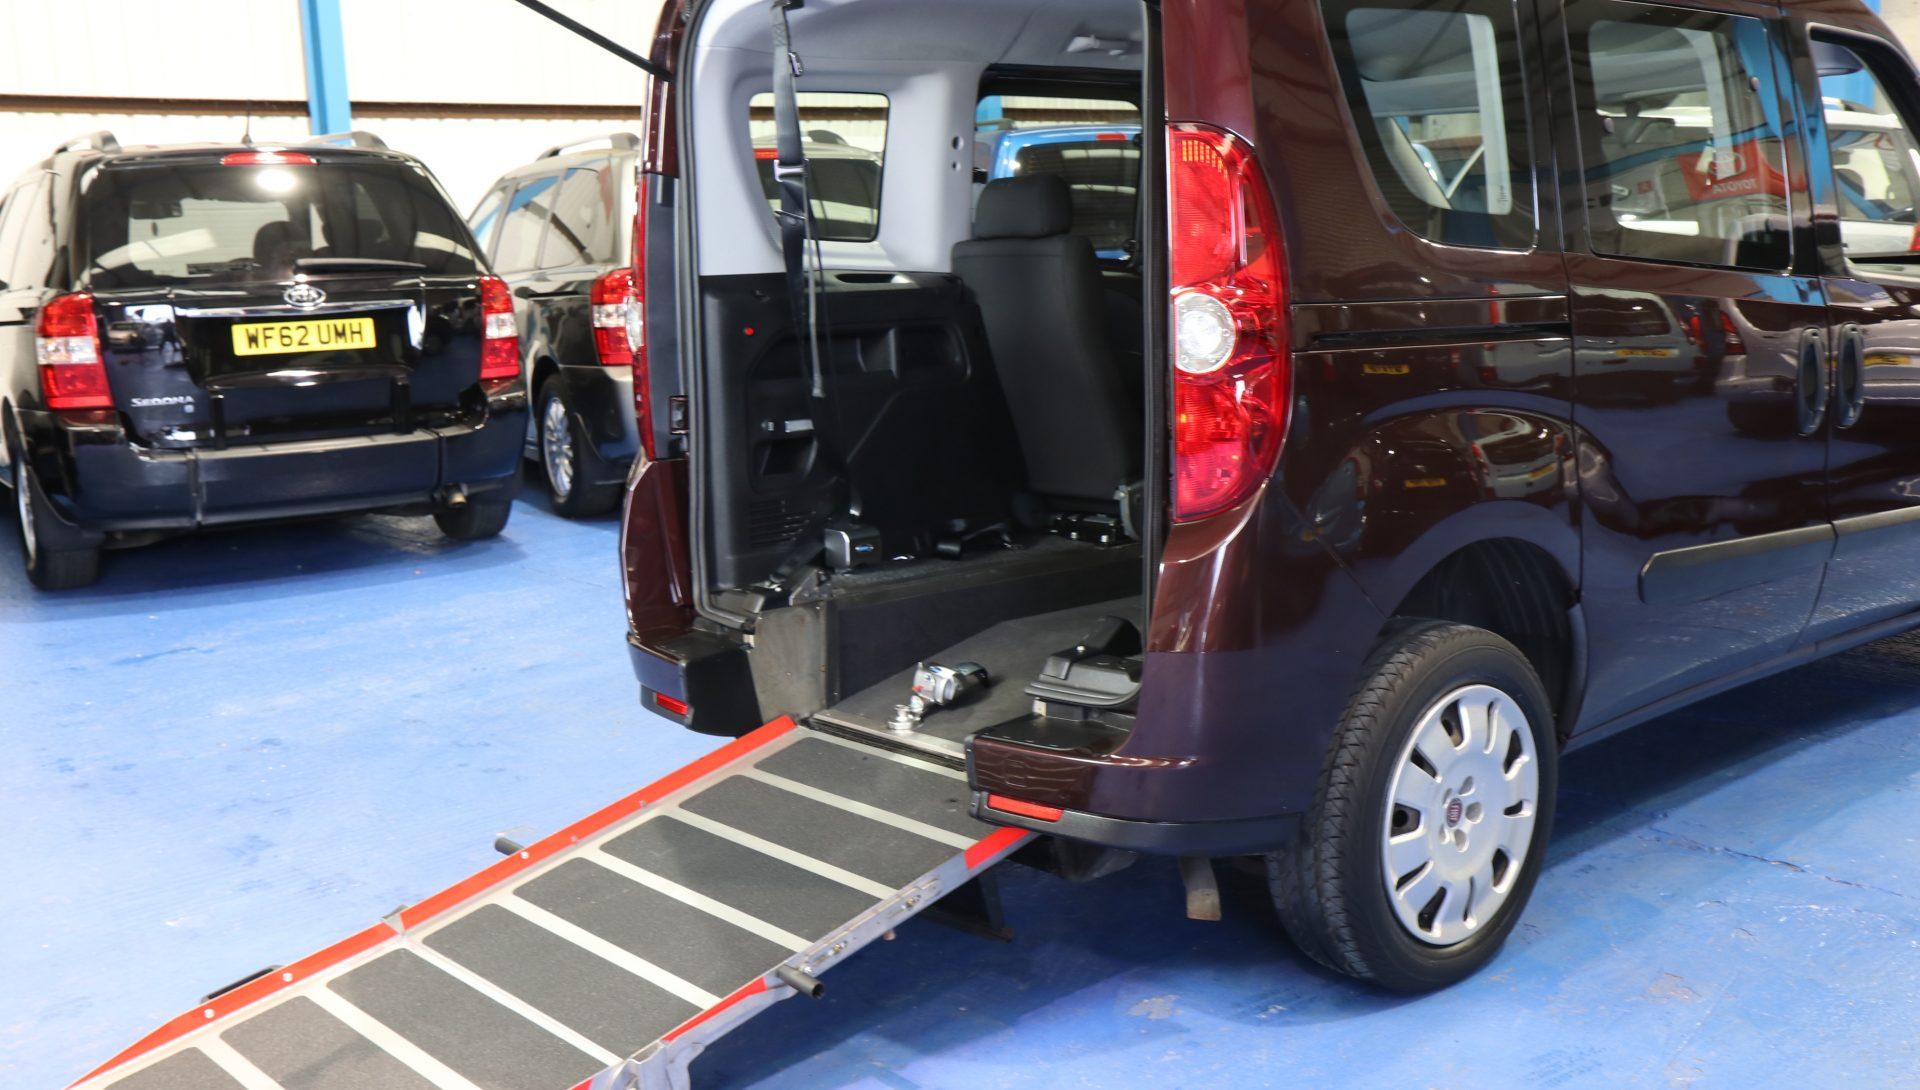 Doblo Wheelchair adapted vx63